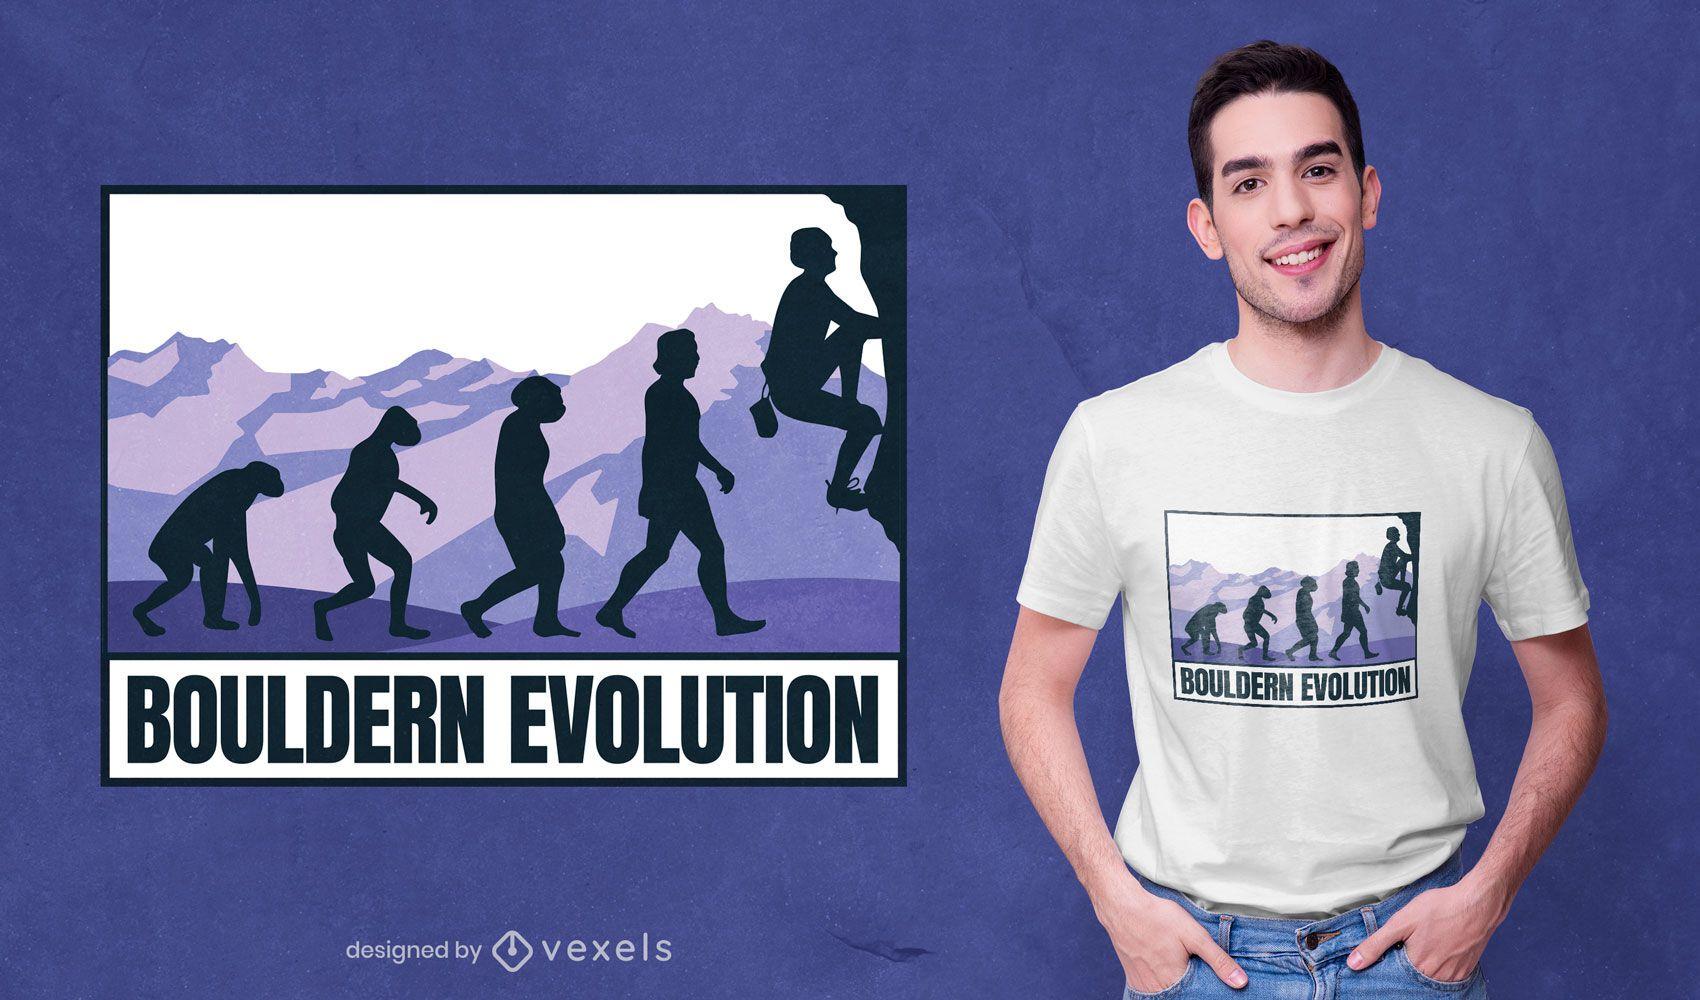 Bouldering evolution t-shirt design